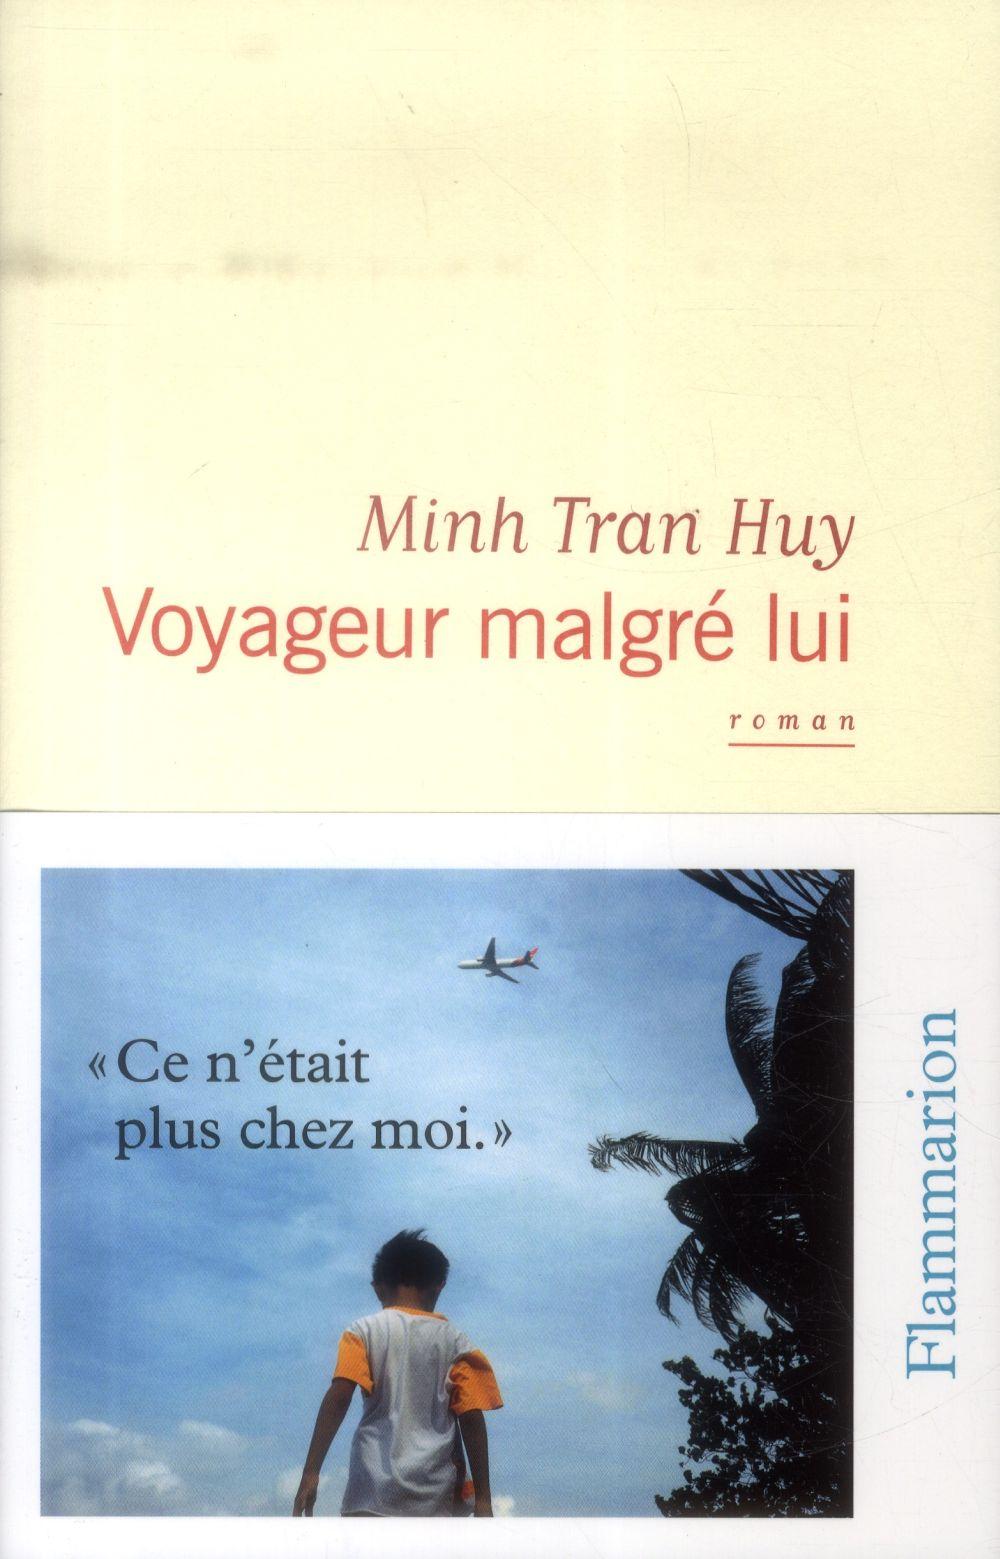 La riposte de Minh Tran Huy aux Explorateurs